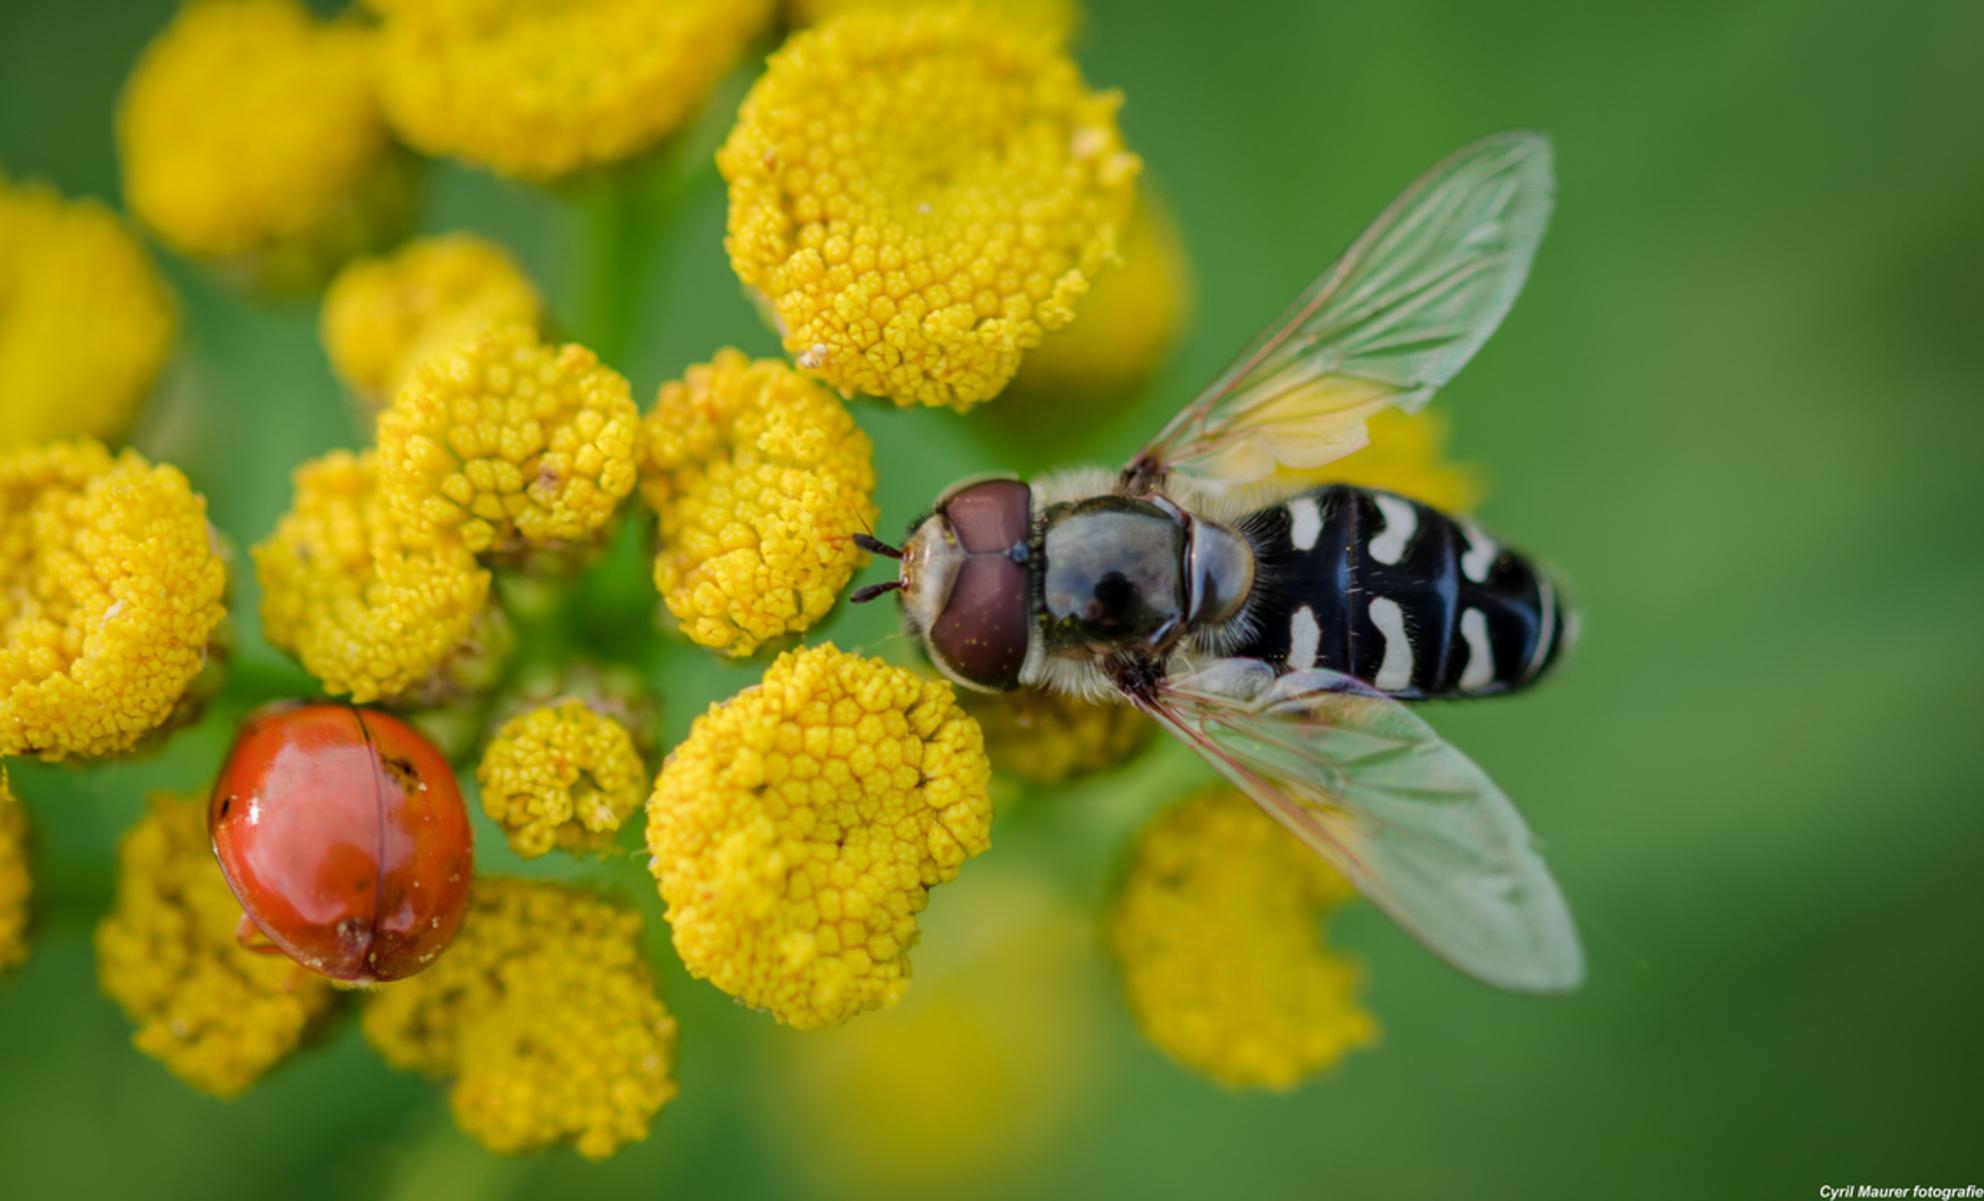 Zweefvlieg met Reflexie - dit is de laatste uit de blauwe kamer - foto door sipmaurer op 07-09-2015 - deze foto bevat: groen, macro, bloem, natuur, lieveheersbeestje, zweefvlieg, geel, zwart, zomer, dof, Blauwe kamer